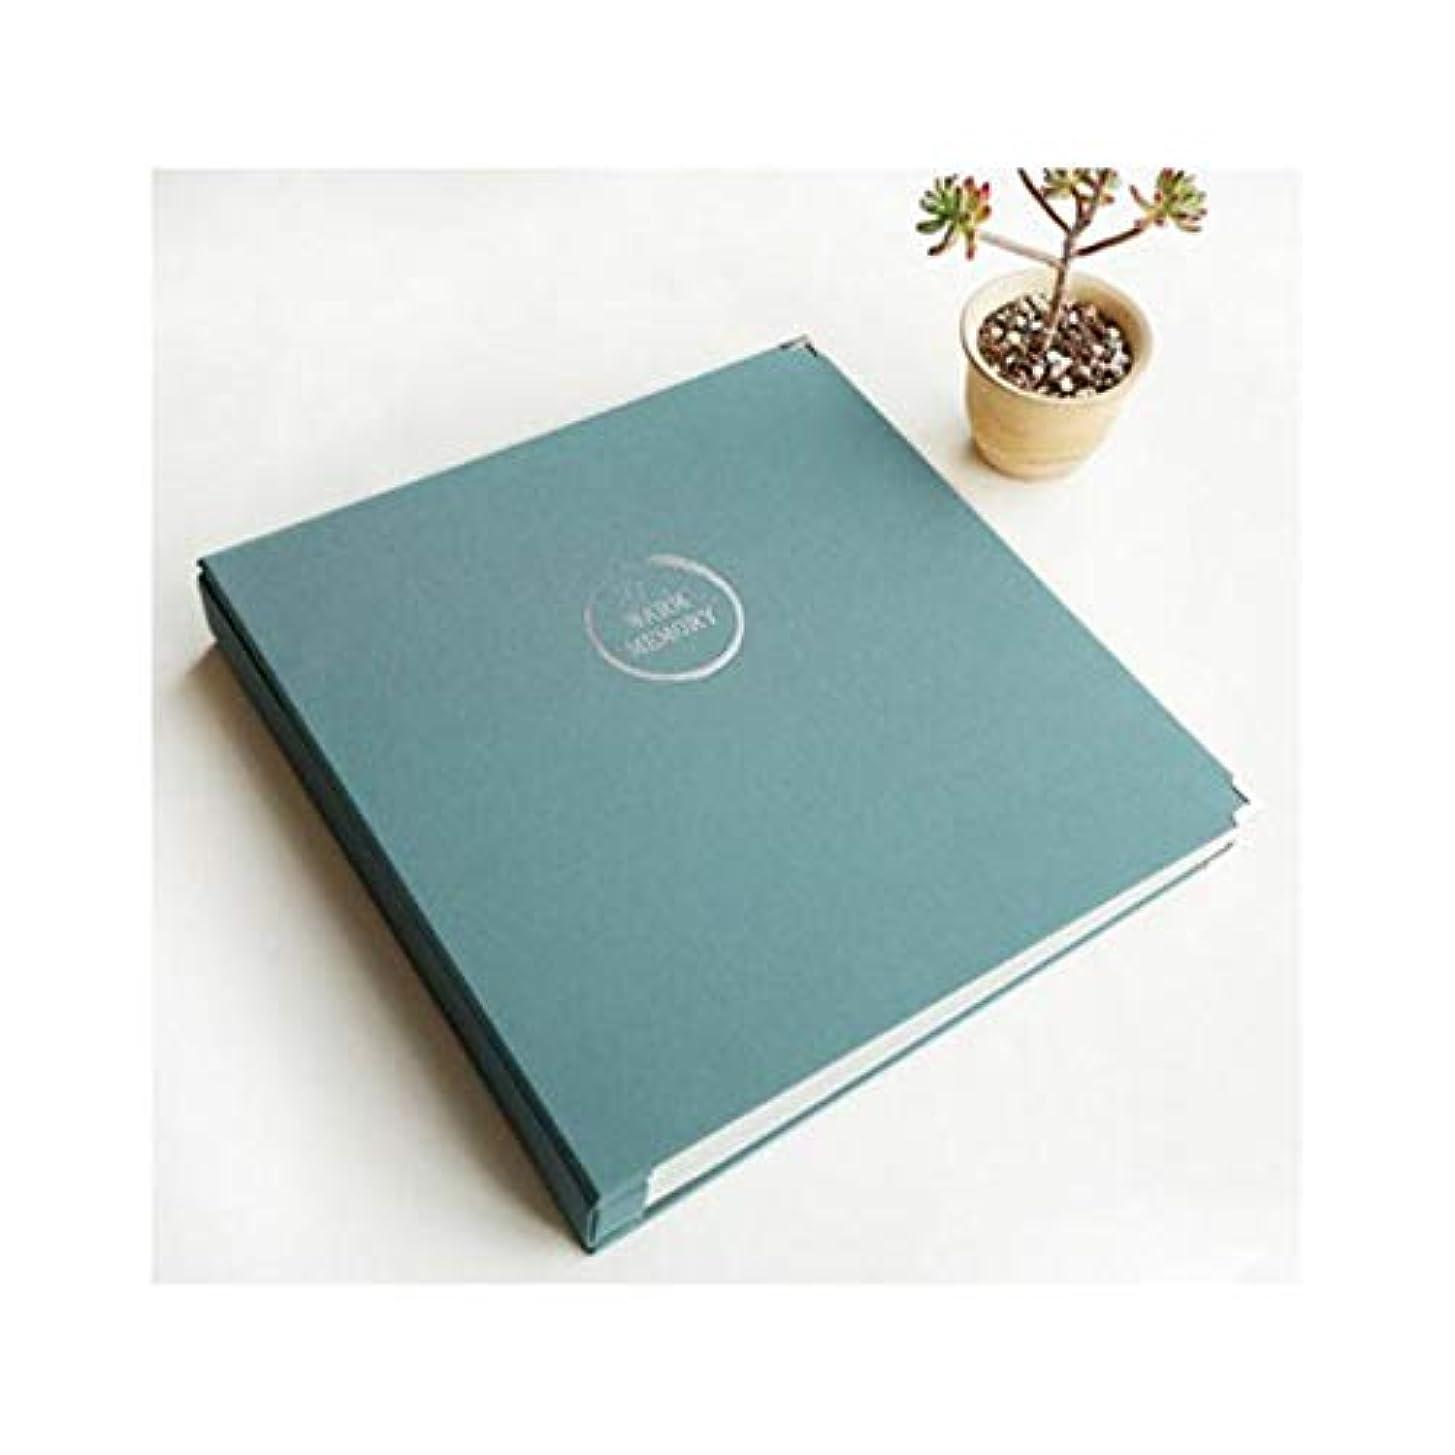 柔らかさ明るくする見るFHSY 6インチ7インチ8インチ10インチ混合シンプル、新鮮、格子間の家族のフォトアルバム、アルバムの大、大容量の5インチ (Color : Light Blue)